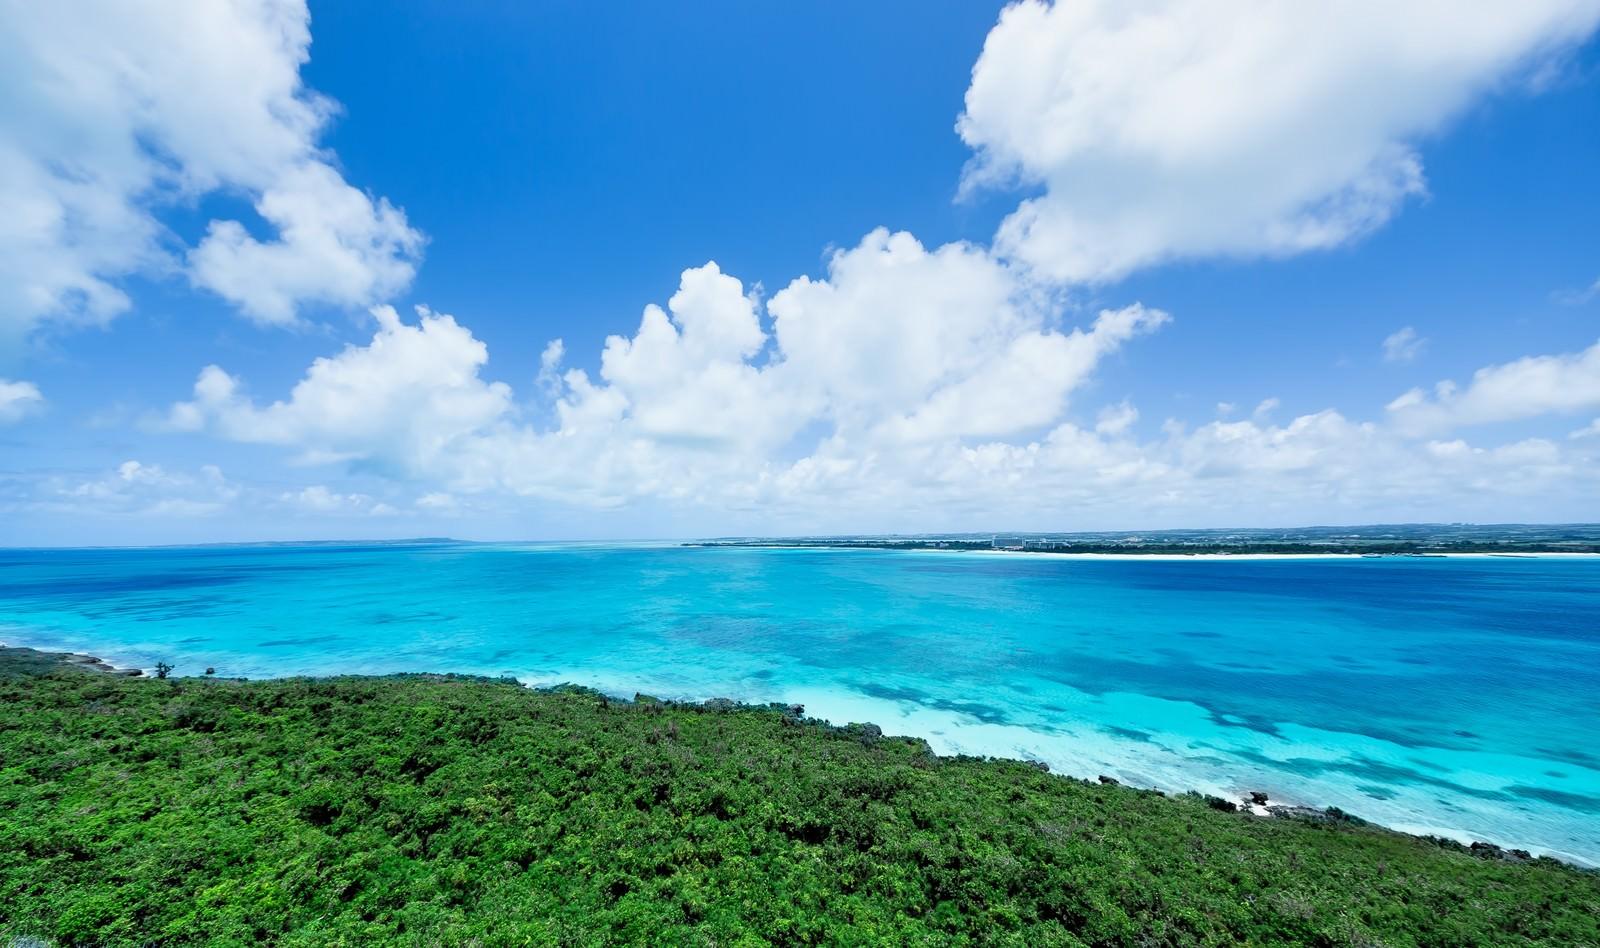 「吸い込まれるような宮古島の海と雲」の写真